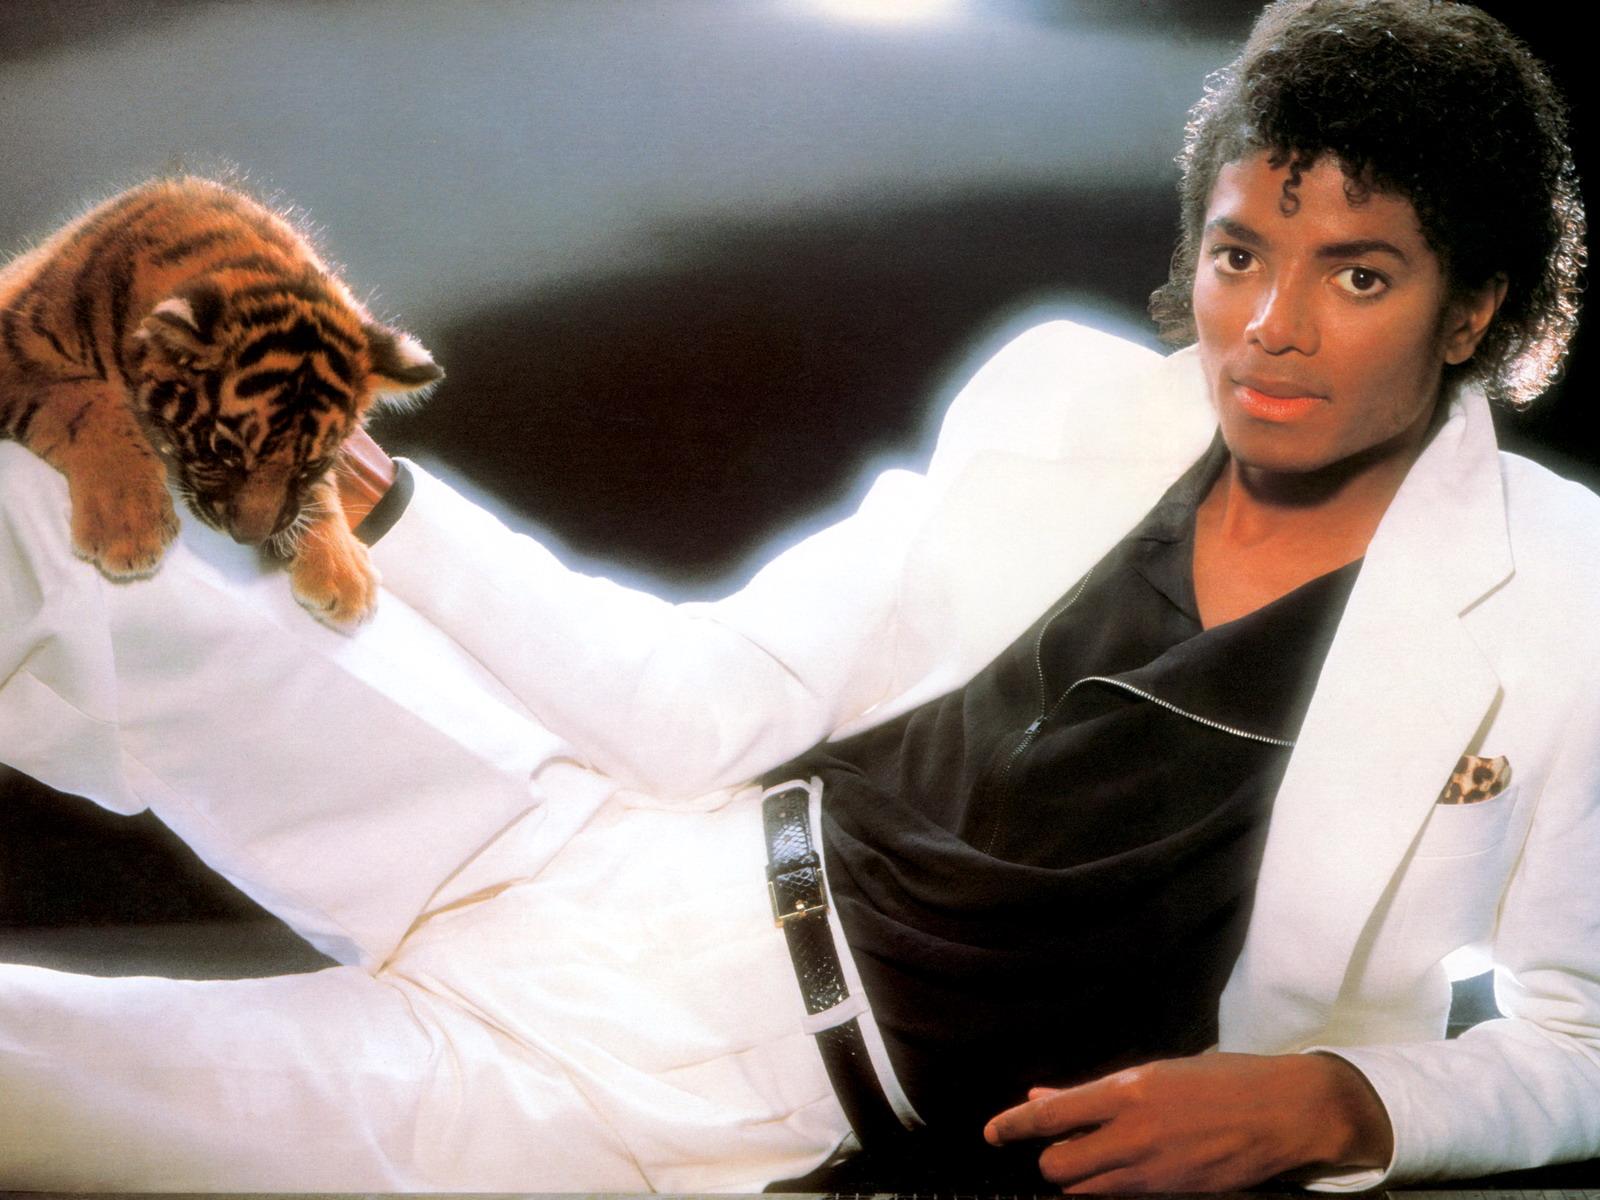 Michael Jackson 10 Hd Wallpaper